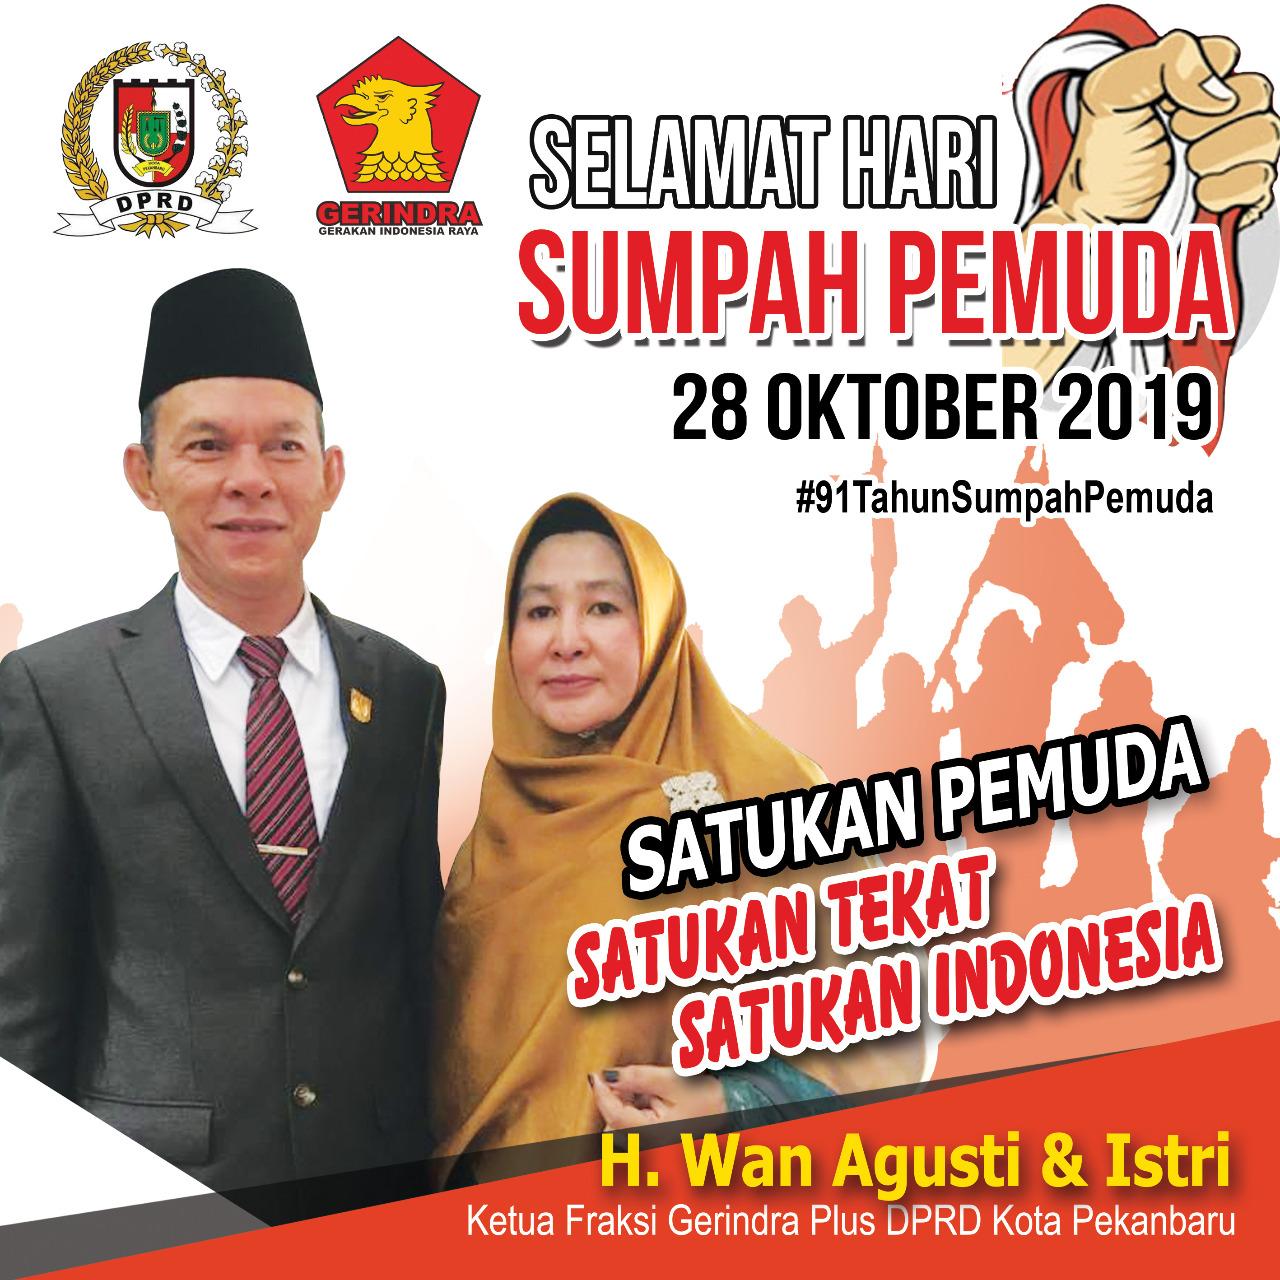 Ucapan Hari Sumpah Pemuda 28 Oktober